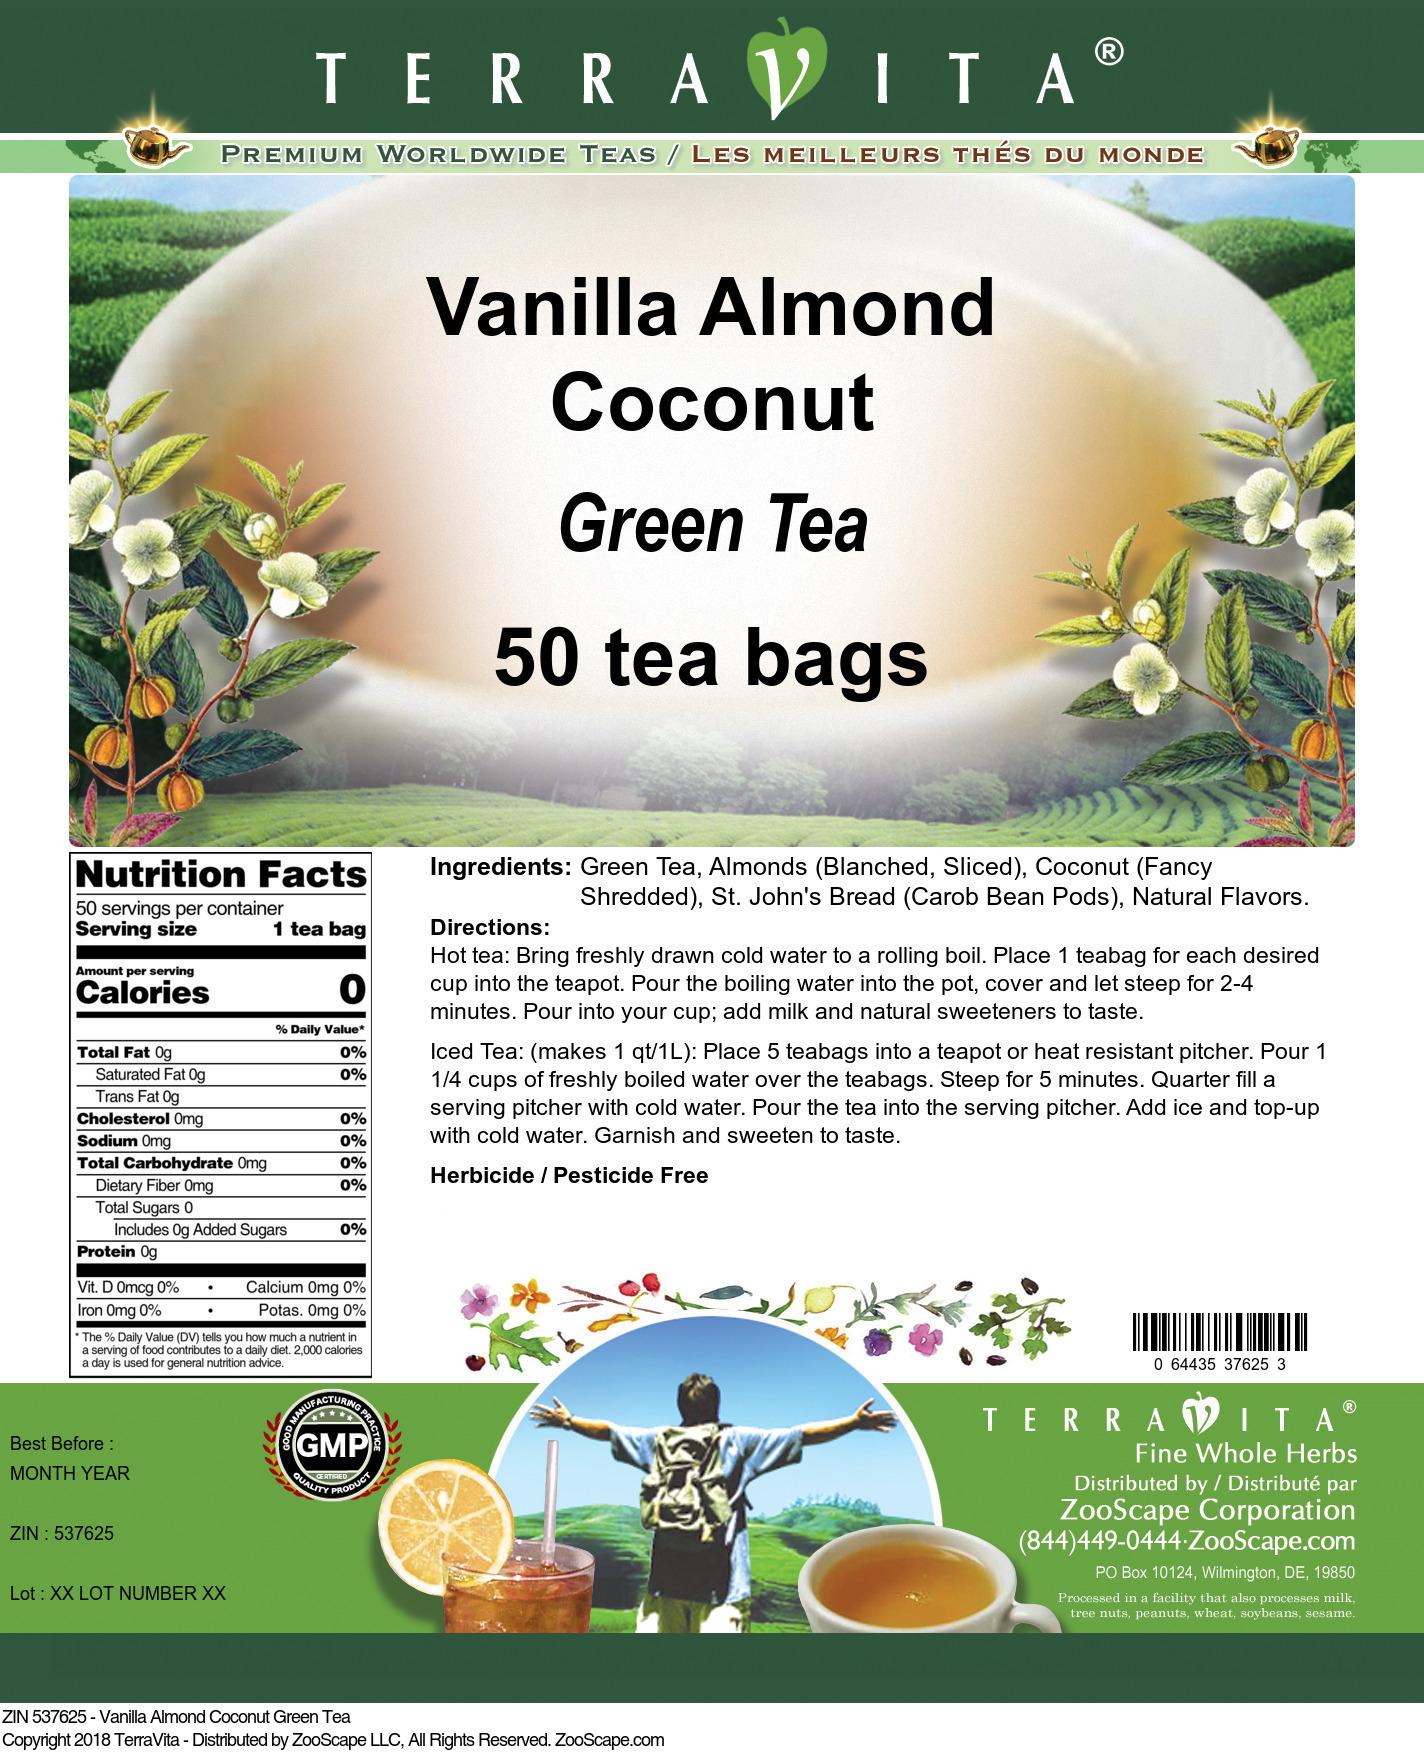 Vanilla Almond Coconut Green Tea